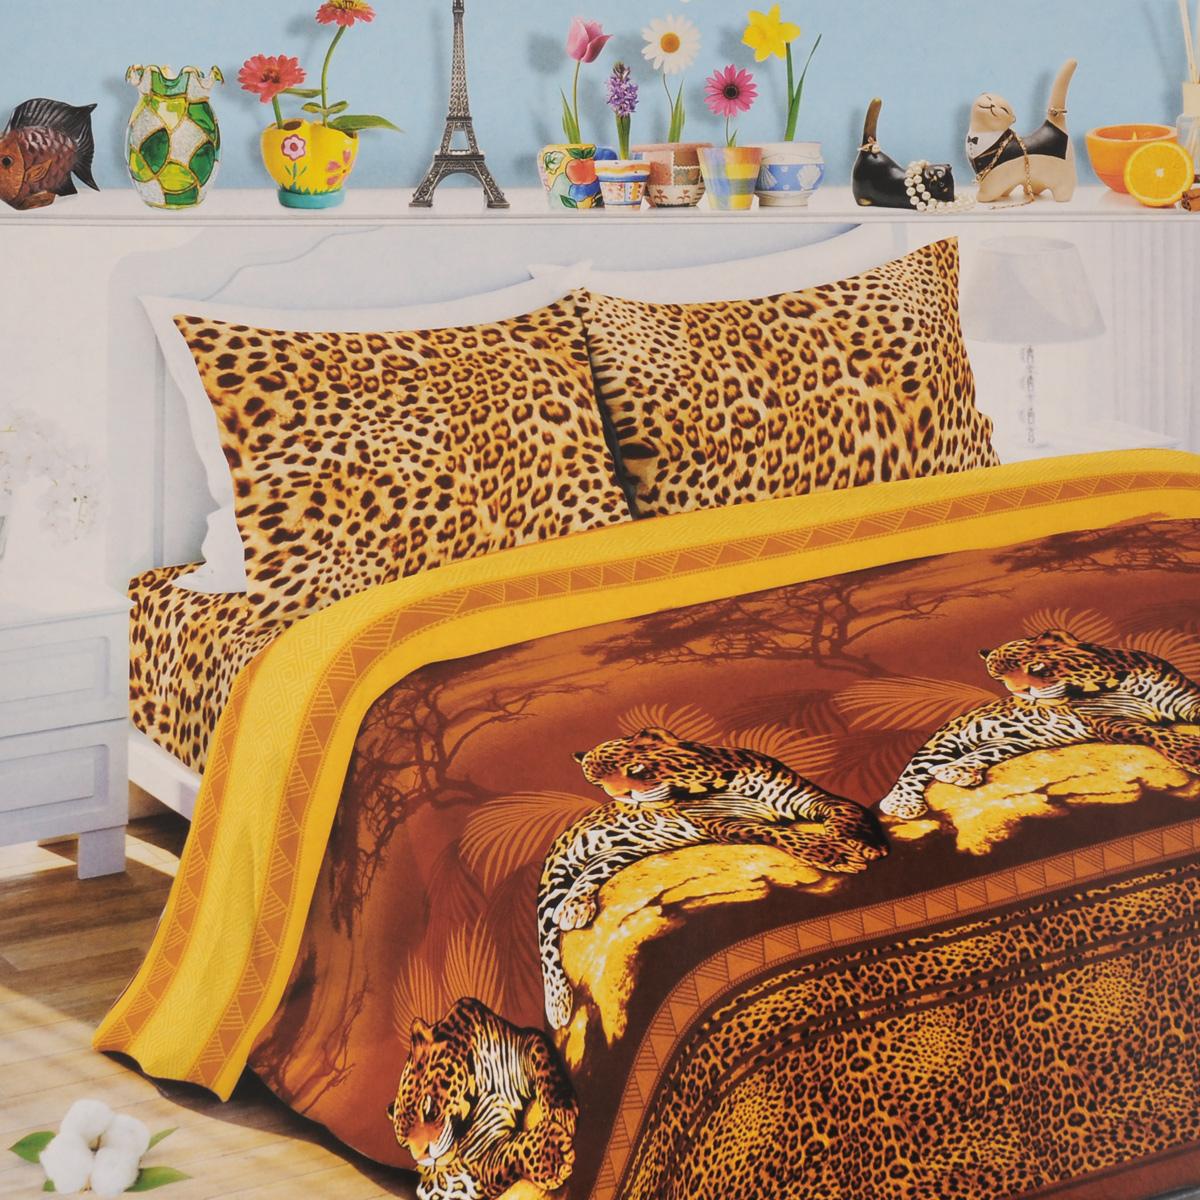 Комплект белья Любимый дом Камерун, семейный, наволочки 70х70, цвет: коричневый, желтый, темно-коричневый321426Комплект постельного белья Любимый дом Камерун состоит из двух пододеяльников, простыни и двух наволочек. Постельное белье оформлено оригинальным рисунком и имеет изысканный внешний вид. Белье изготовлено из новой ткани Биокомфорт, отвечающей всем необходимым нормативным стандартам. Биокомфорт - это ткань полотняного переплетения, из экологически чистого и натурального 100% хлопка. Неоспоримым плюсом белья из такой ткани является мягкость и легкость, она прекрасно пропускает воздух, приятна на ощупь, не образует катышков на поверхности и за ней легко ухаживать. При соблюдении рекомендаций по уходу, это белье выдерживает много стирок, не линяет и не теряет свою первоначальную прочность. Уникальная ткань обеспечивает легкую глажку. Приобретая комплект постельного белья Любимый дом Камерун, вы можете быть уверены в том, что покупка доставит вам и вашим близким удовольствие и подарит максимальный комфорт.